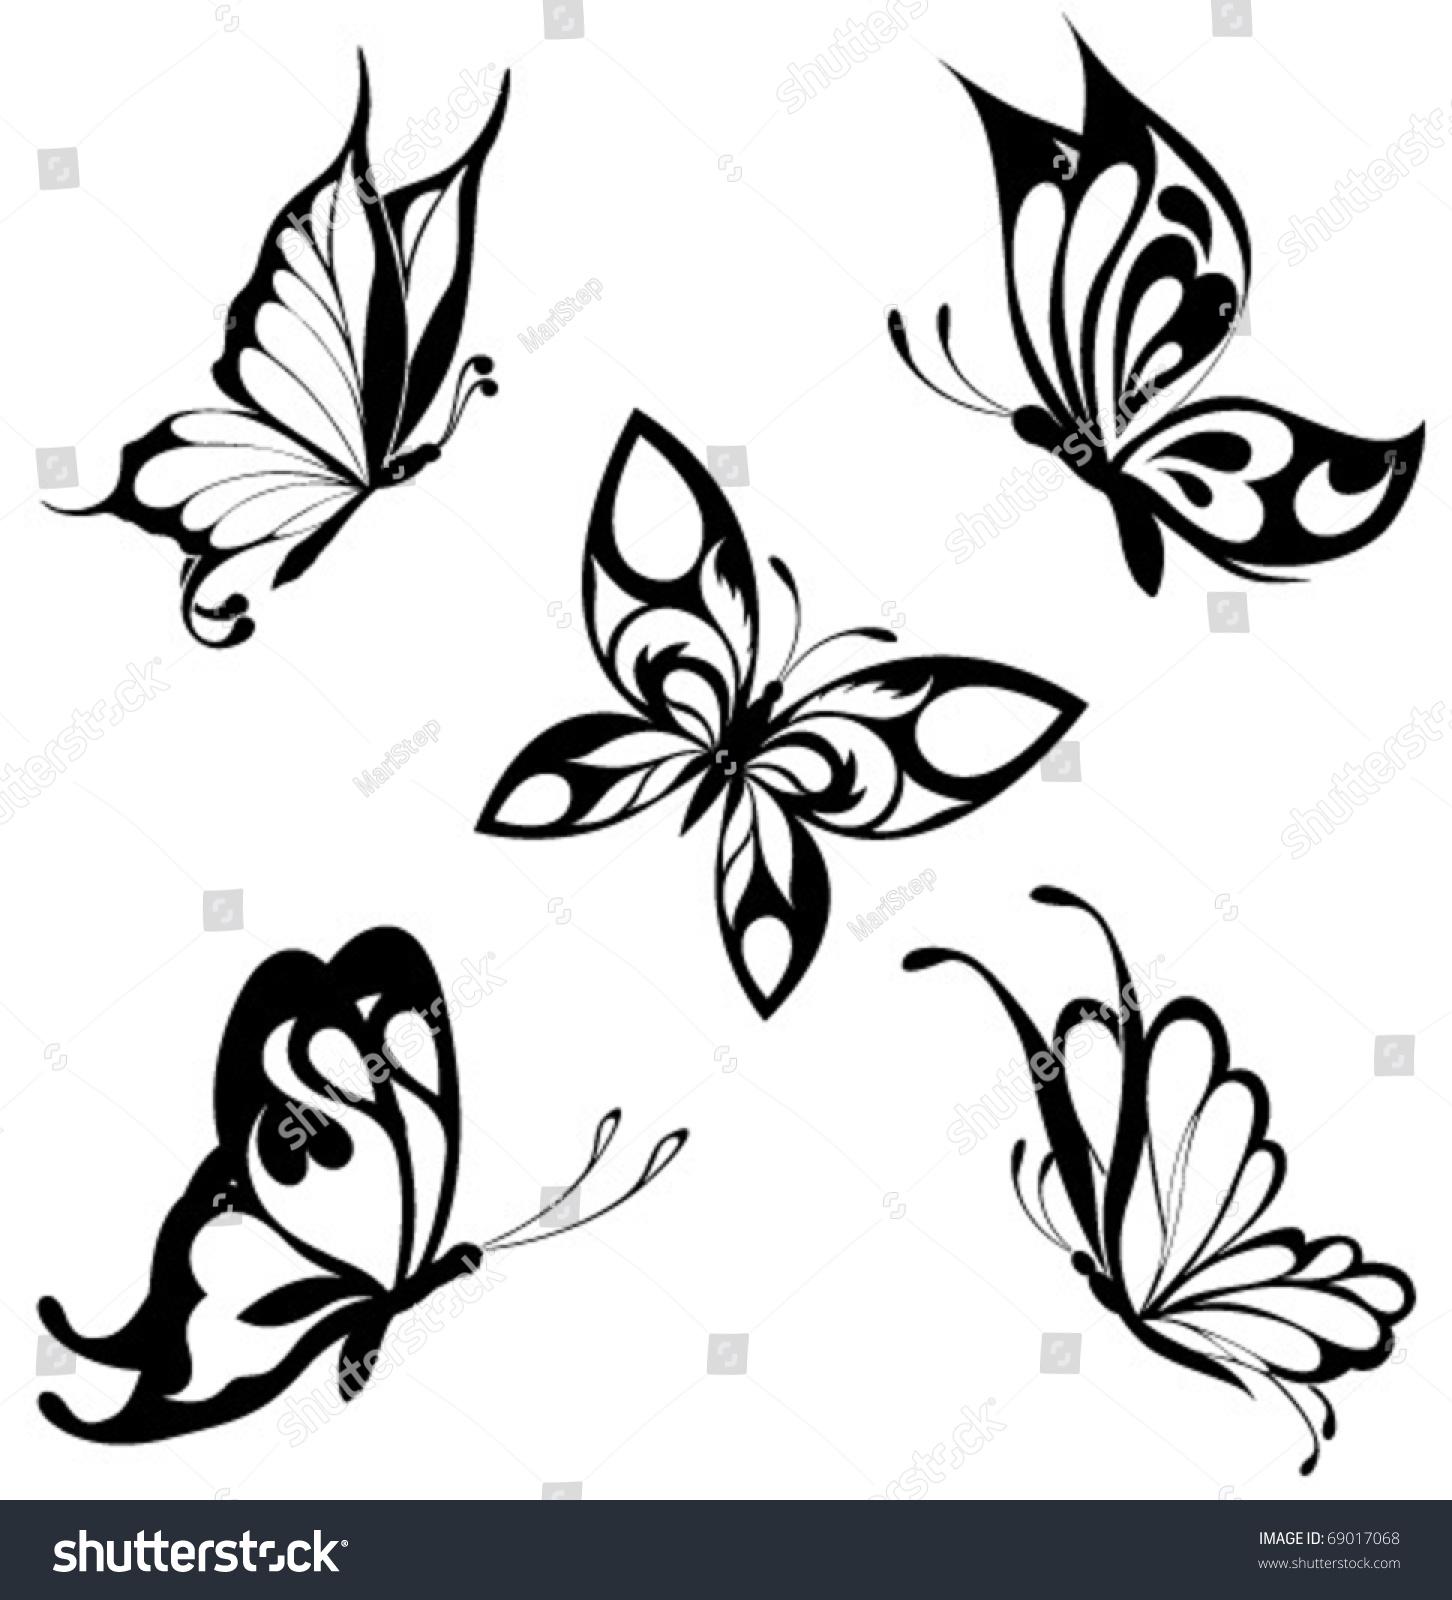 创意手绘插画蝴蝶